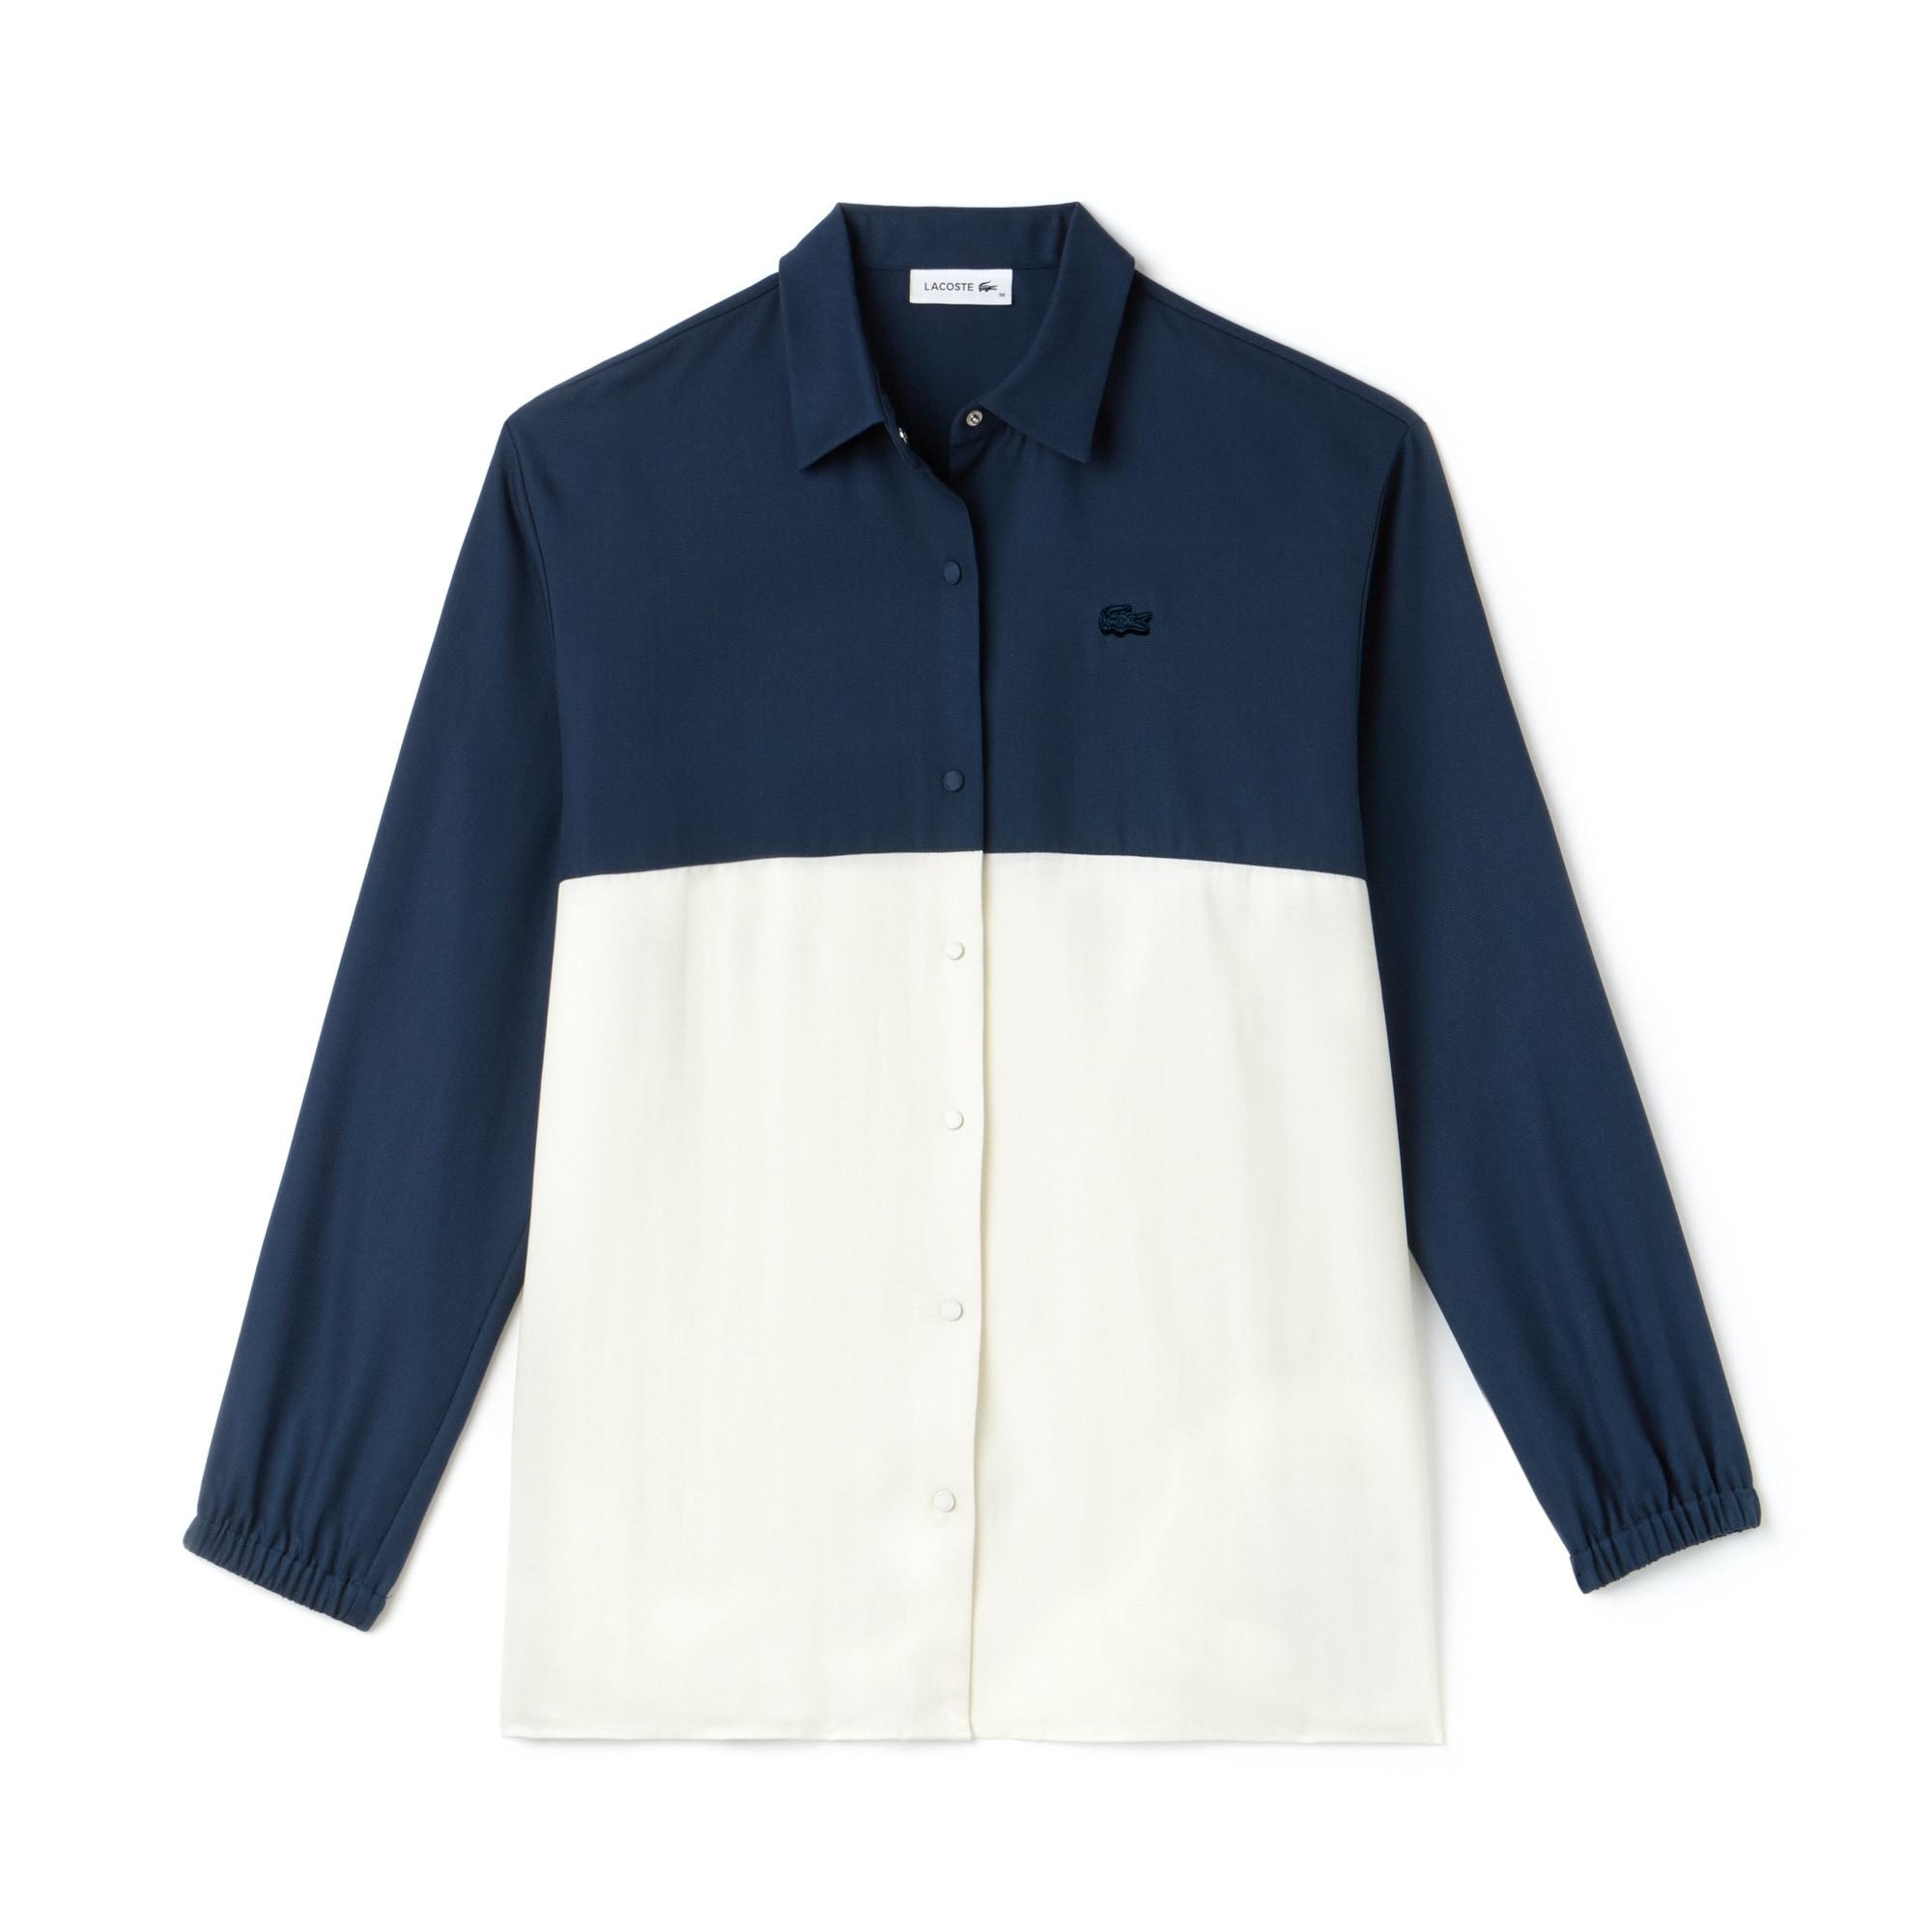 Damen Regular Fit zweifarbige Piqué-Bluse